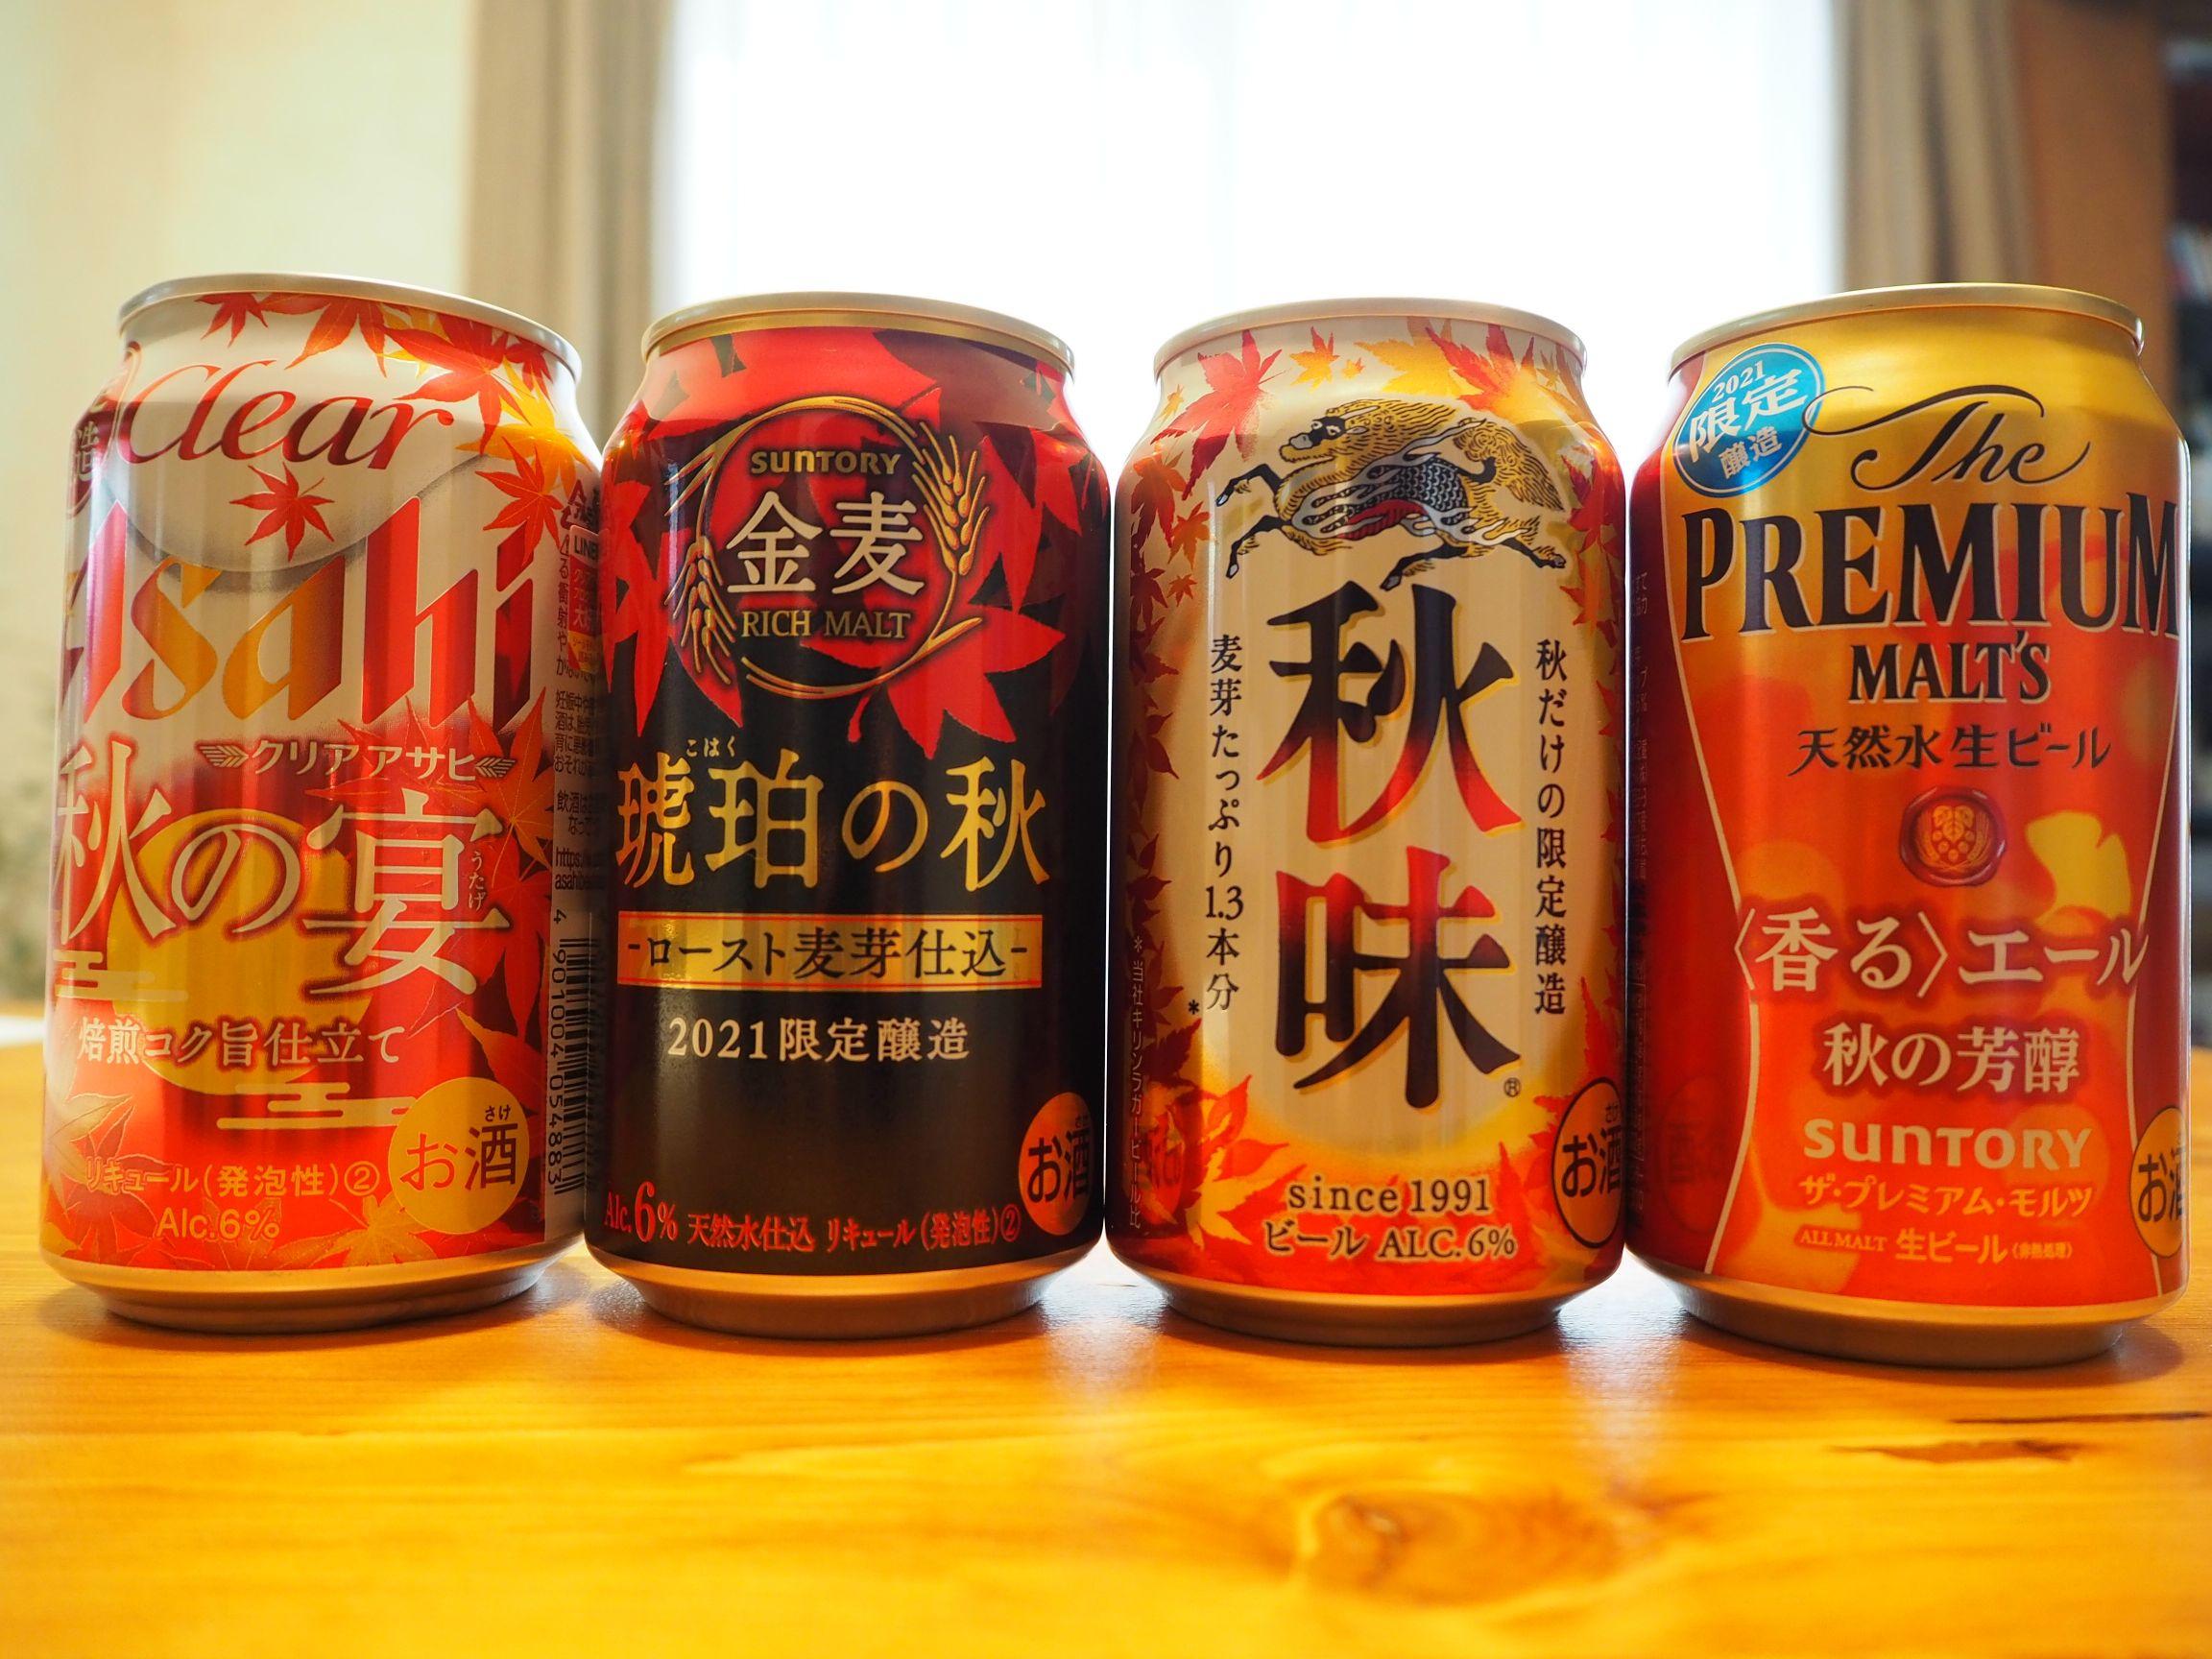 期間限定の「秋ビール」が素晴らしい!人気の4種をソムリエが飲み比べてみた | bizSPA!フレッシュ